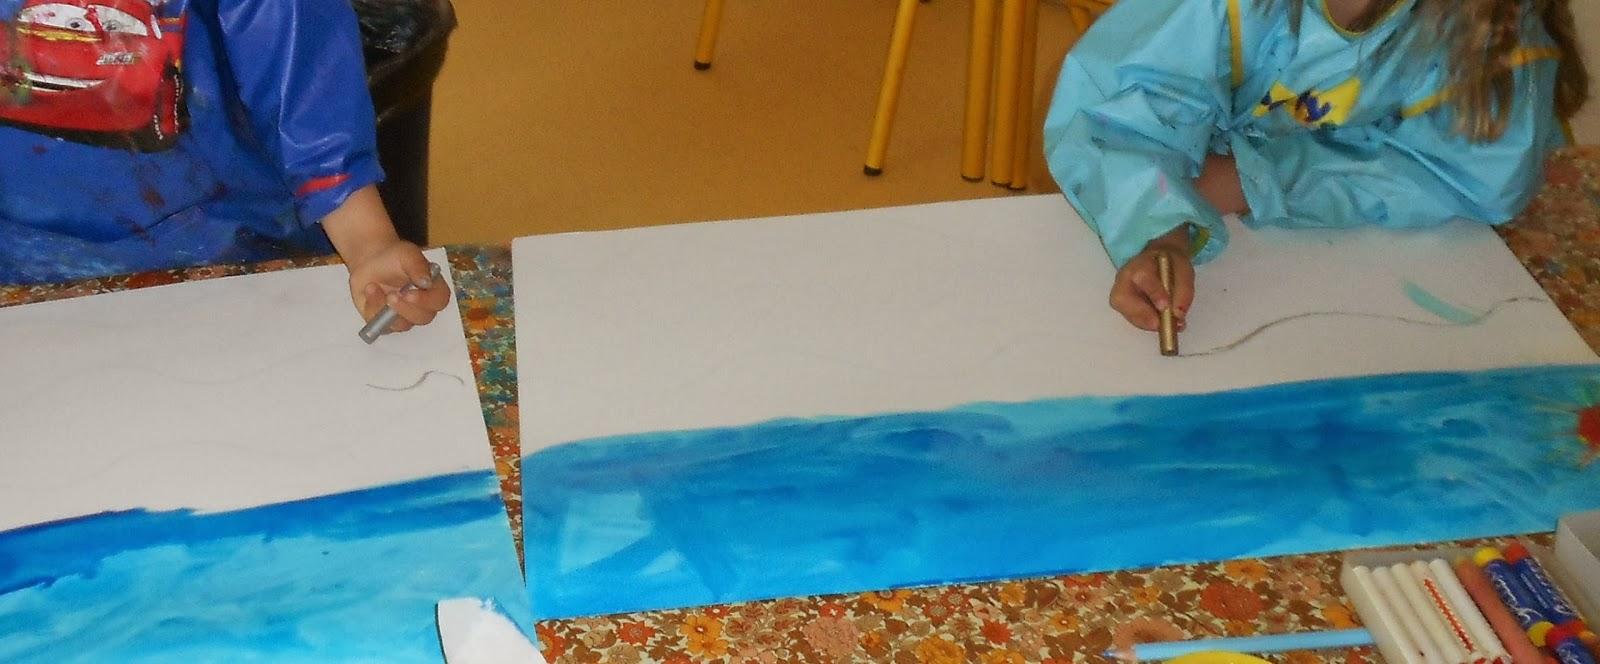 les travaux de maternelle et autres niveaux la baleine bleue cherche de l 39 eau d 39 apr s une. Black Bedroom Furniture Sets. Home Design Ideas